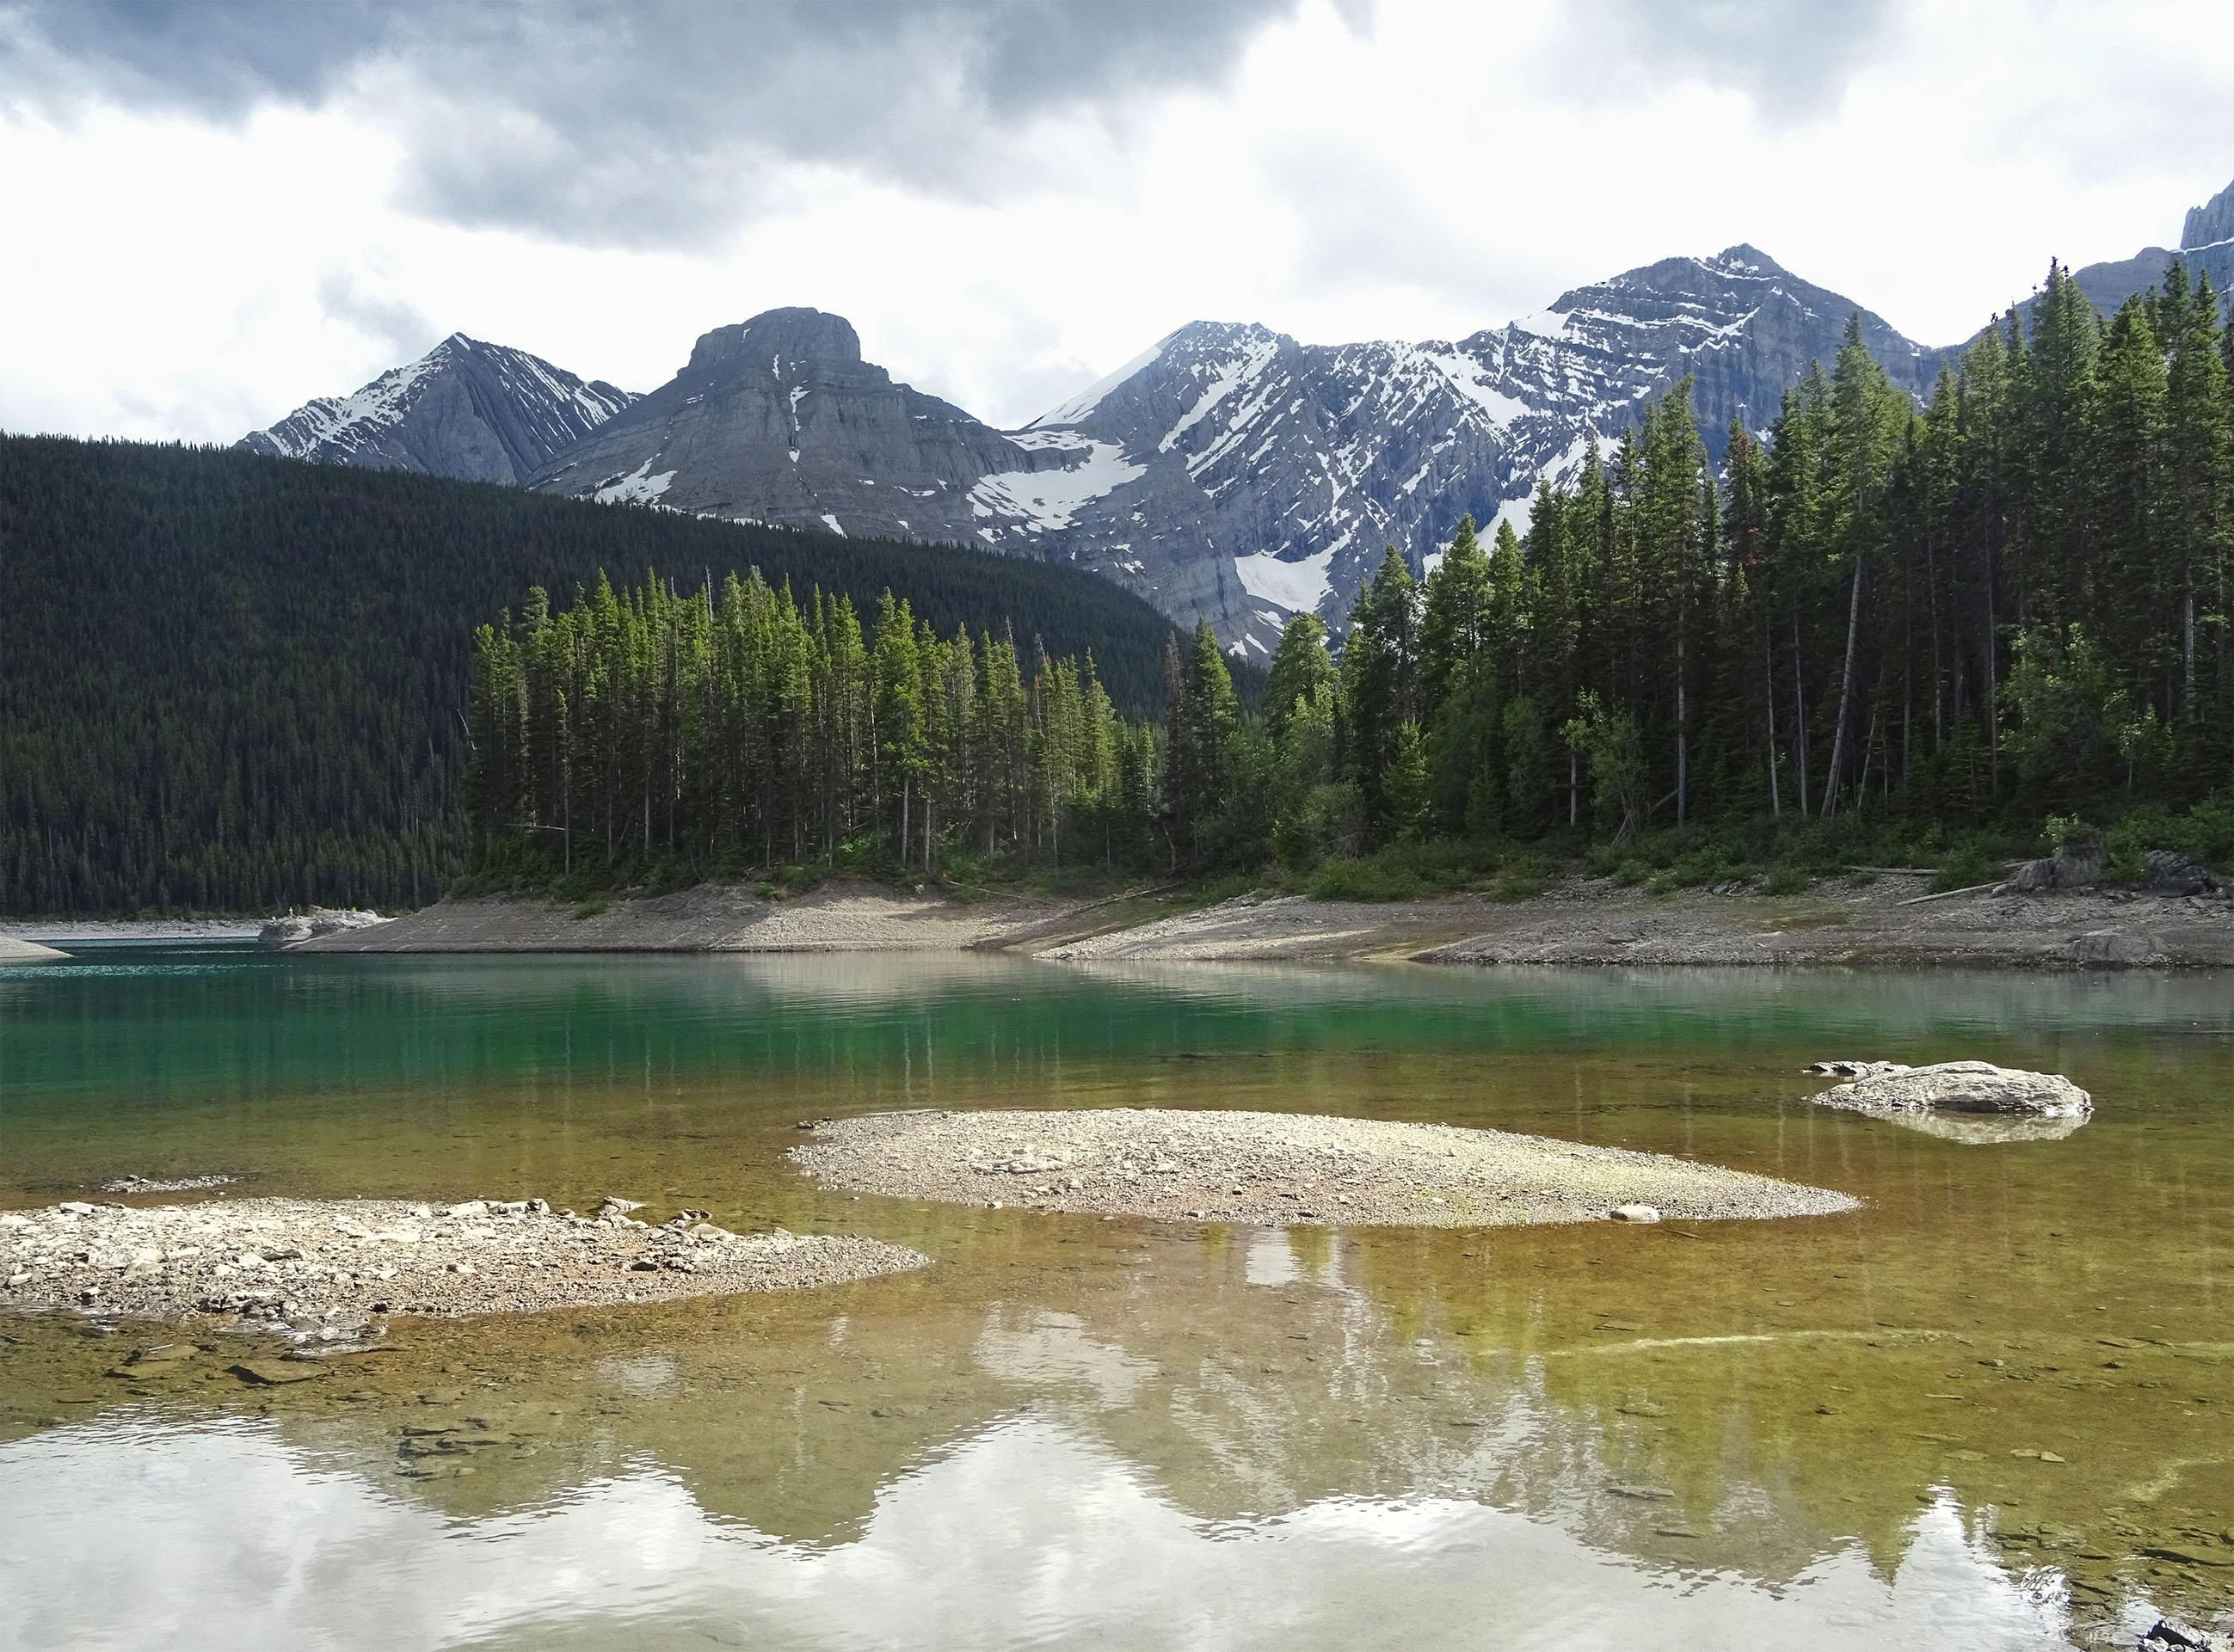 Lac supérieur, Pays de Kananaskis, Alberta, Canada